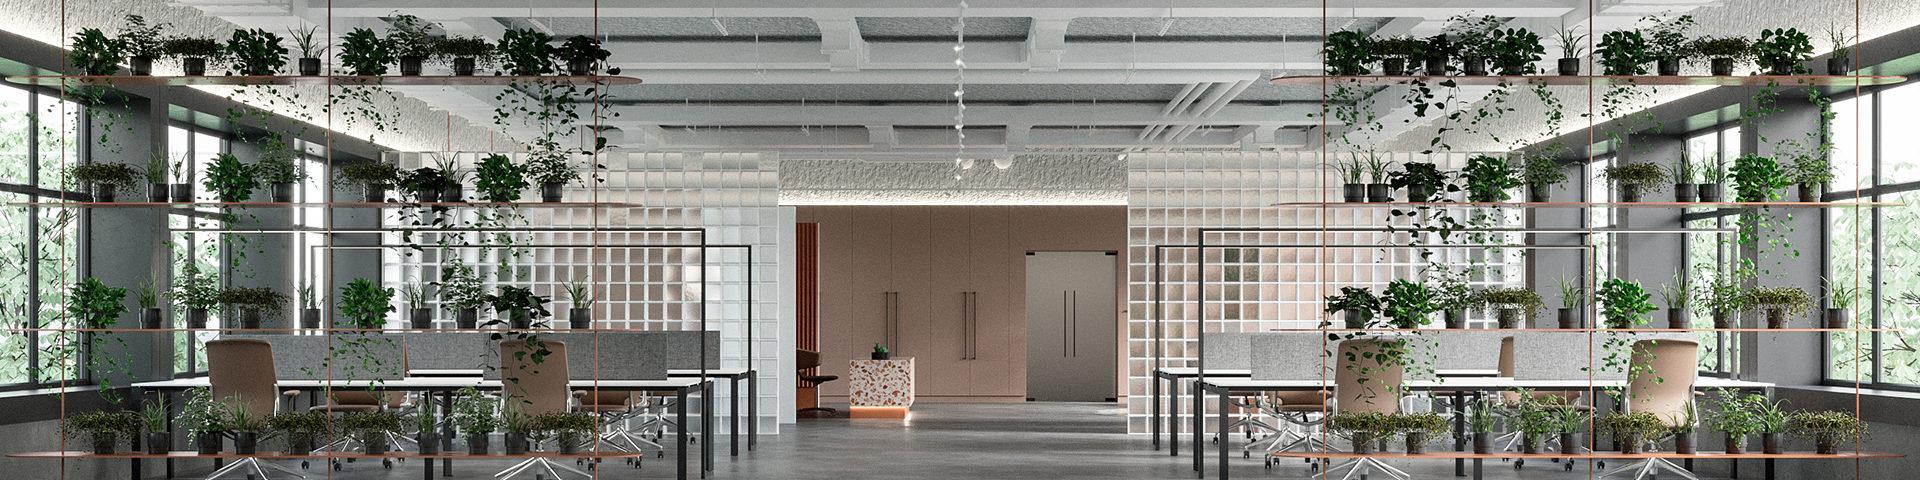 vật liệu thiết kế văn phòng-AICJSC